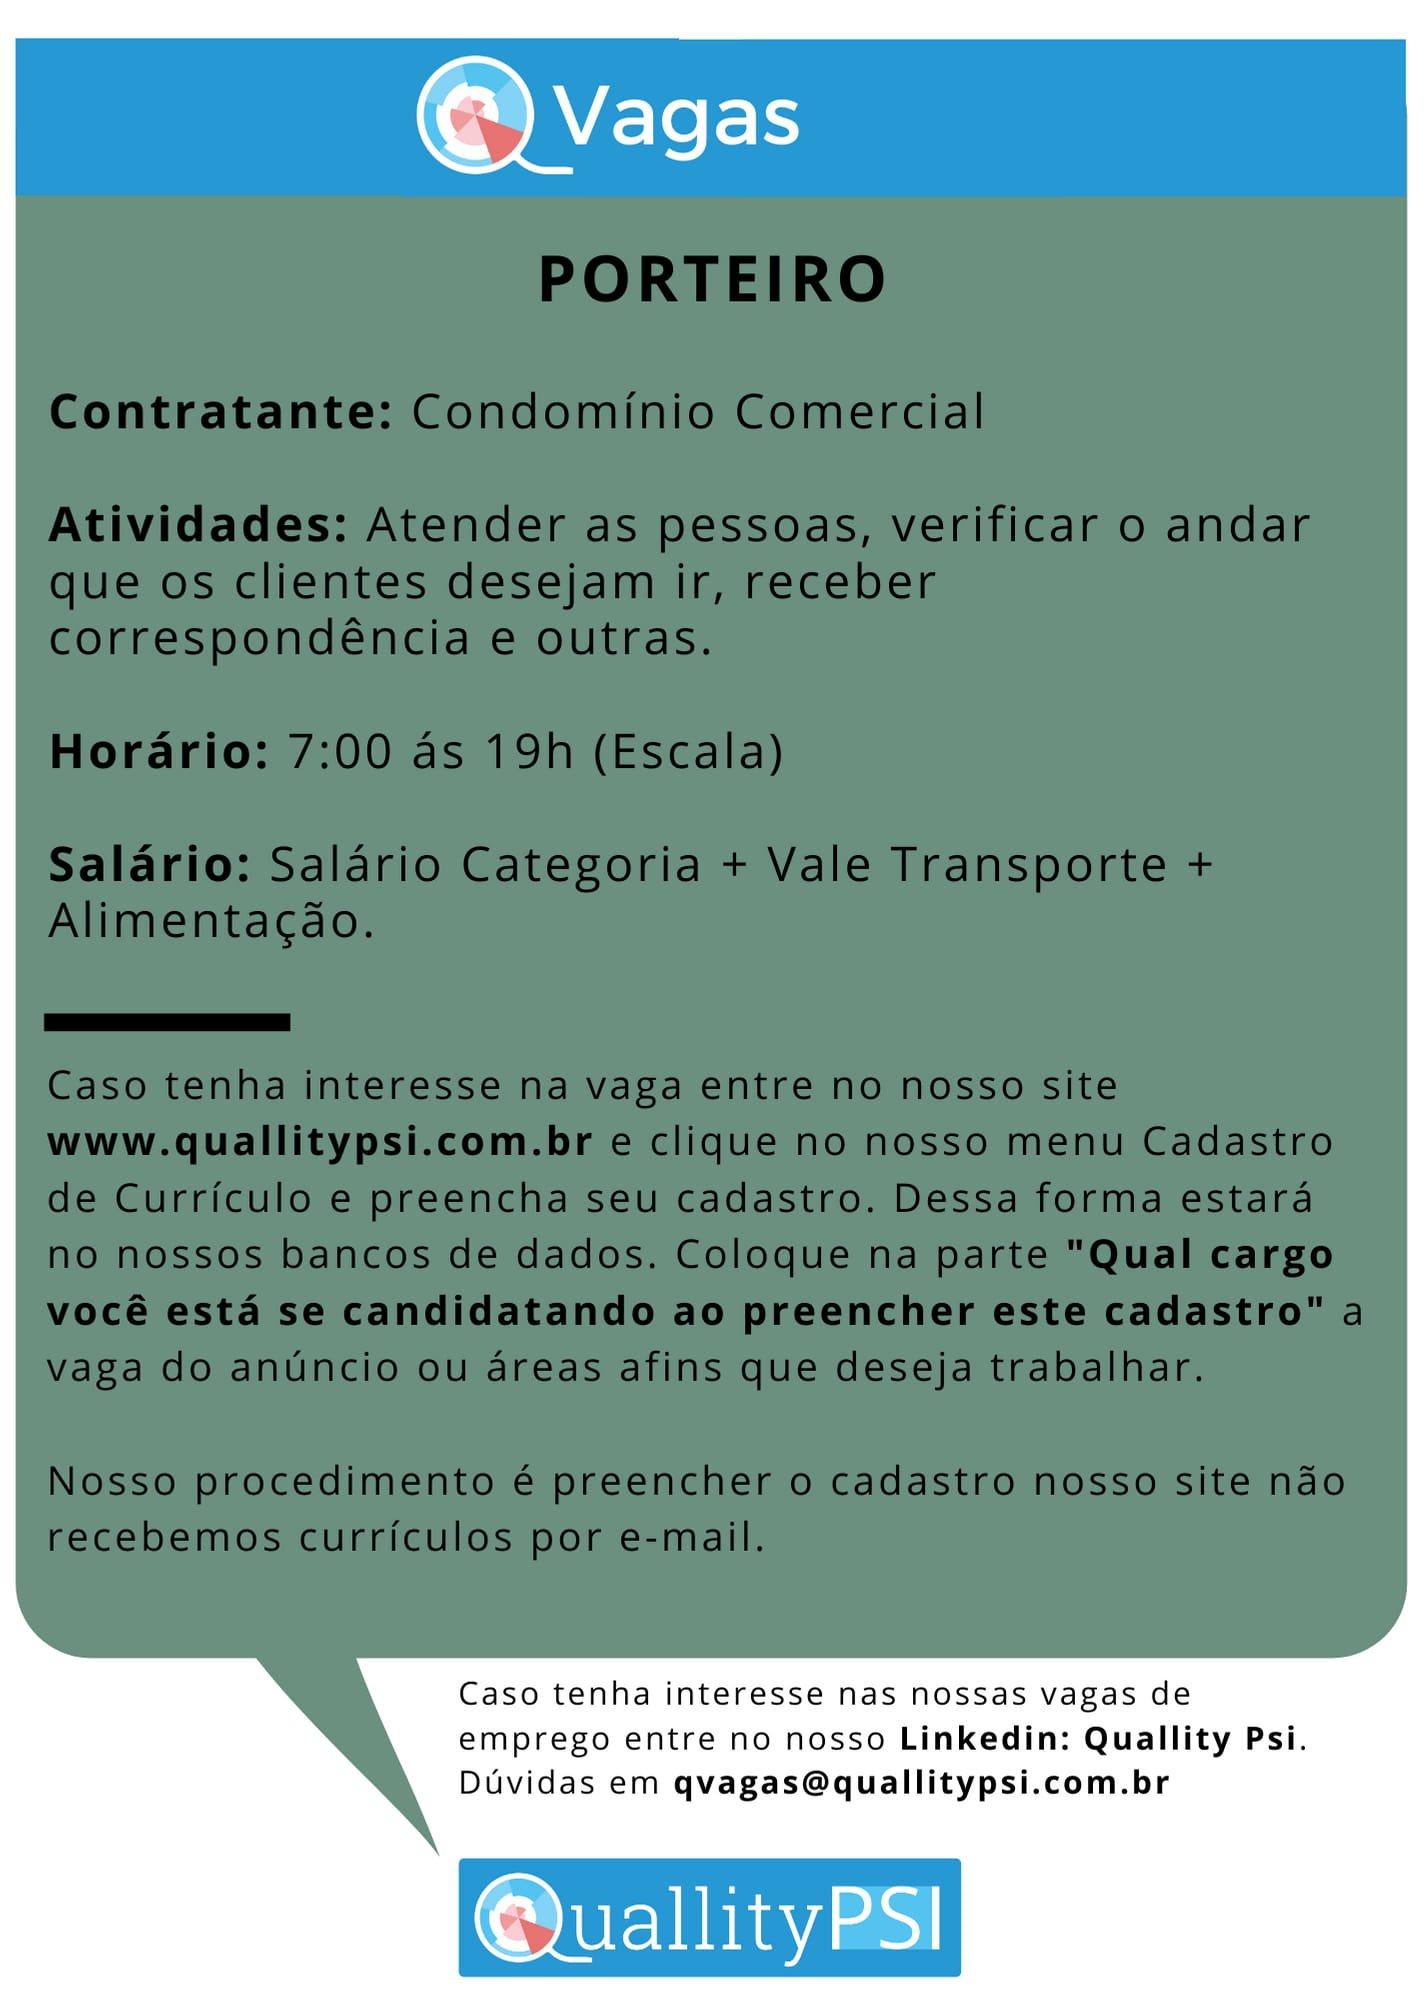 118946825 1306986519669138 751391151357879681 o - QVagas: Porteiro